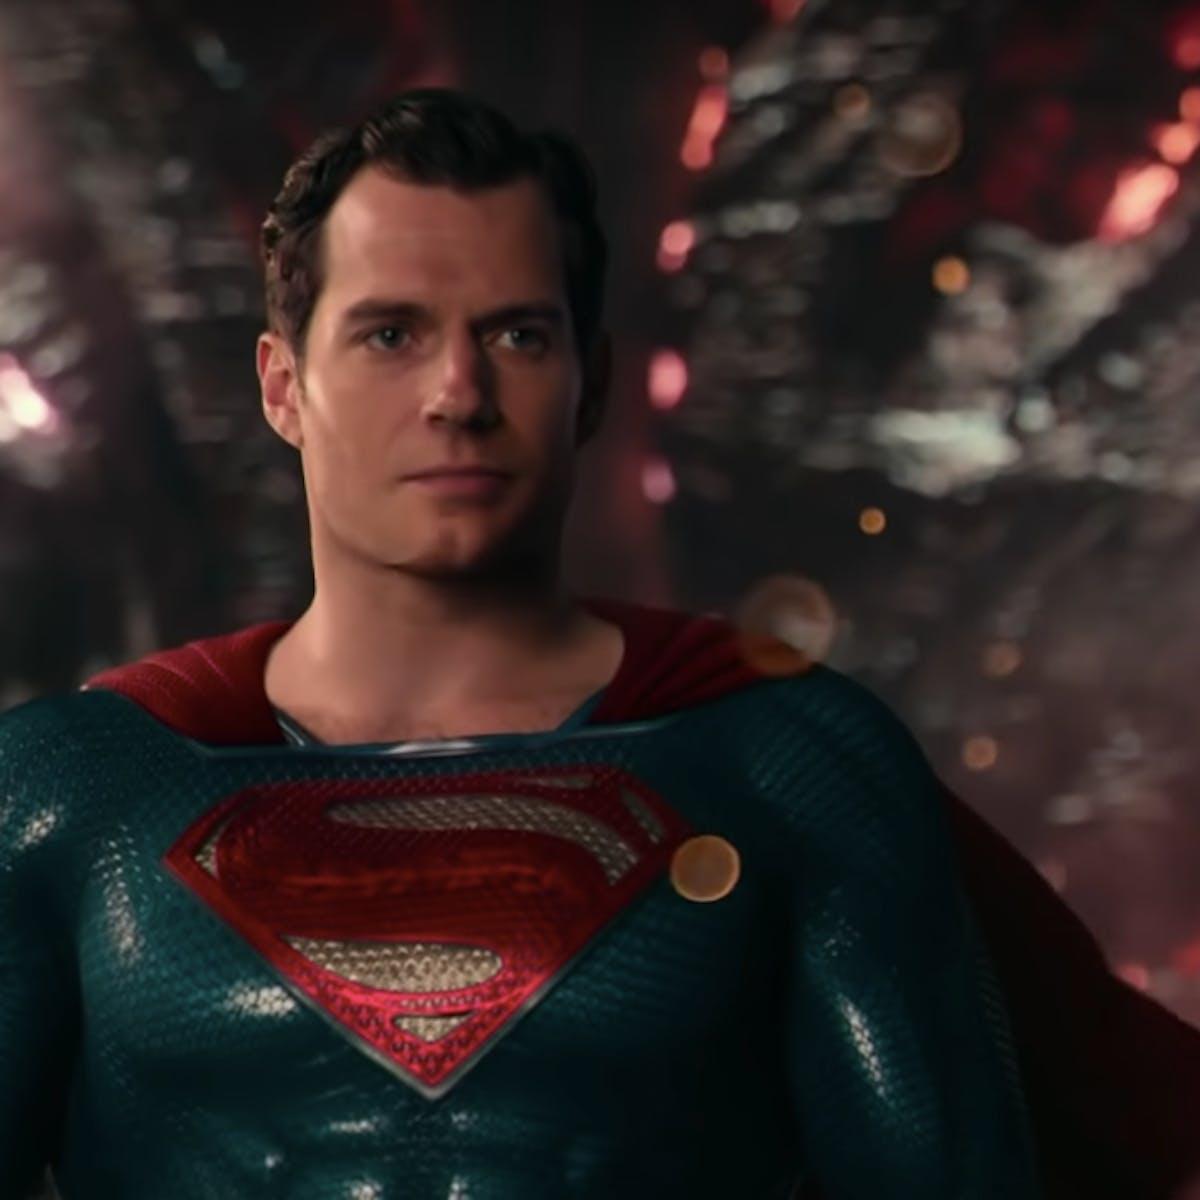 Zack Snyder shares new Snyder Cut image of Superman's alternate black suit